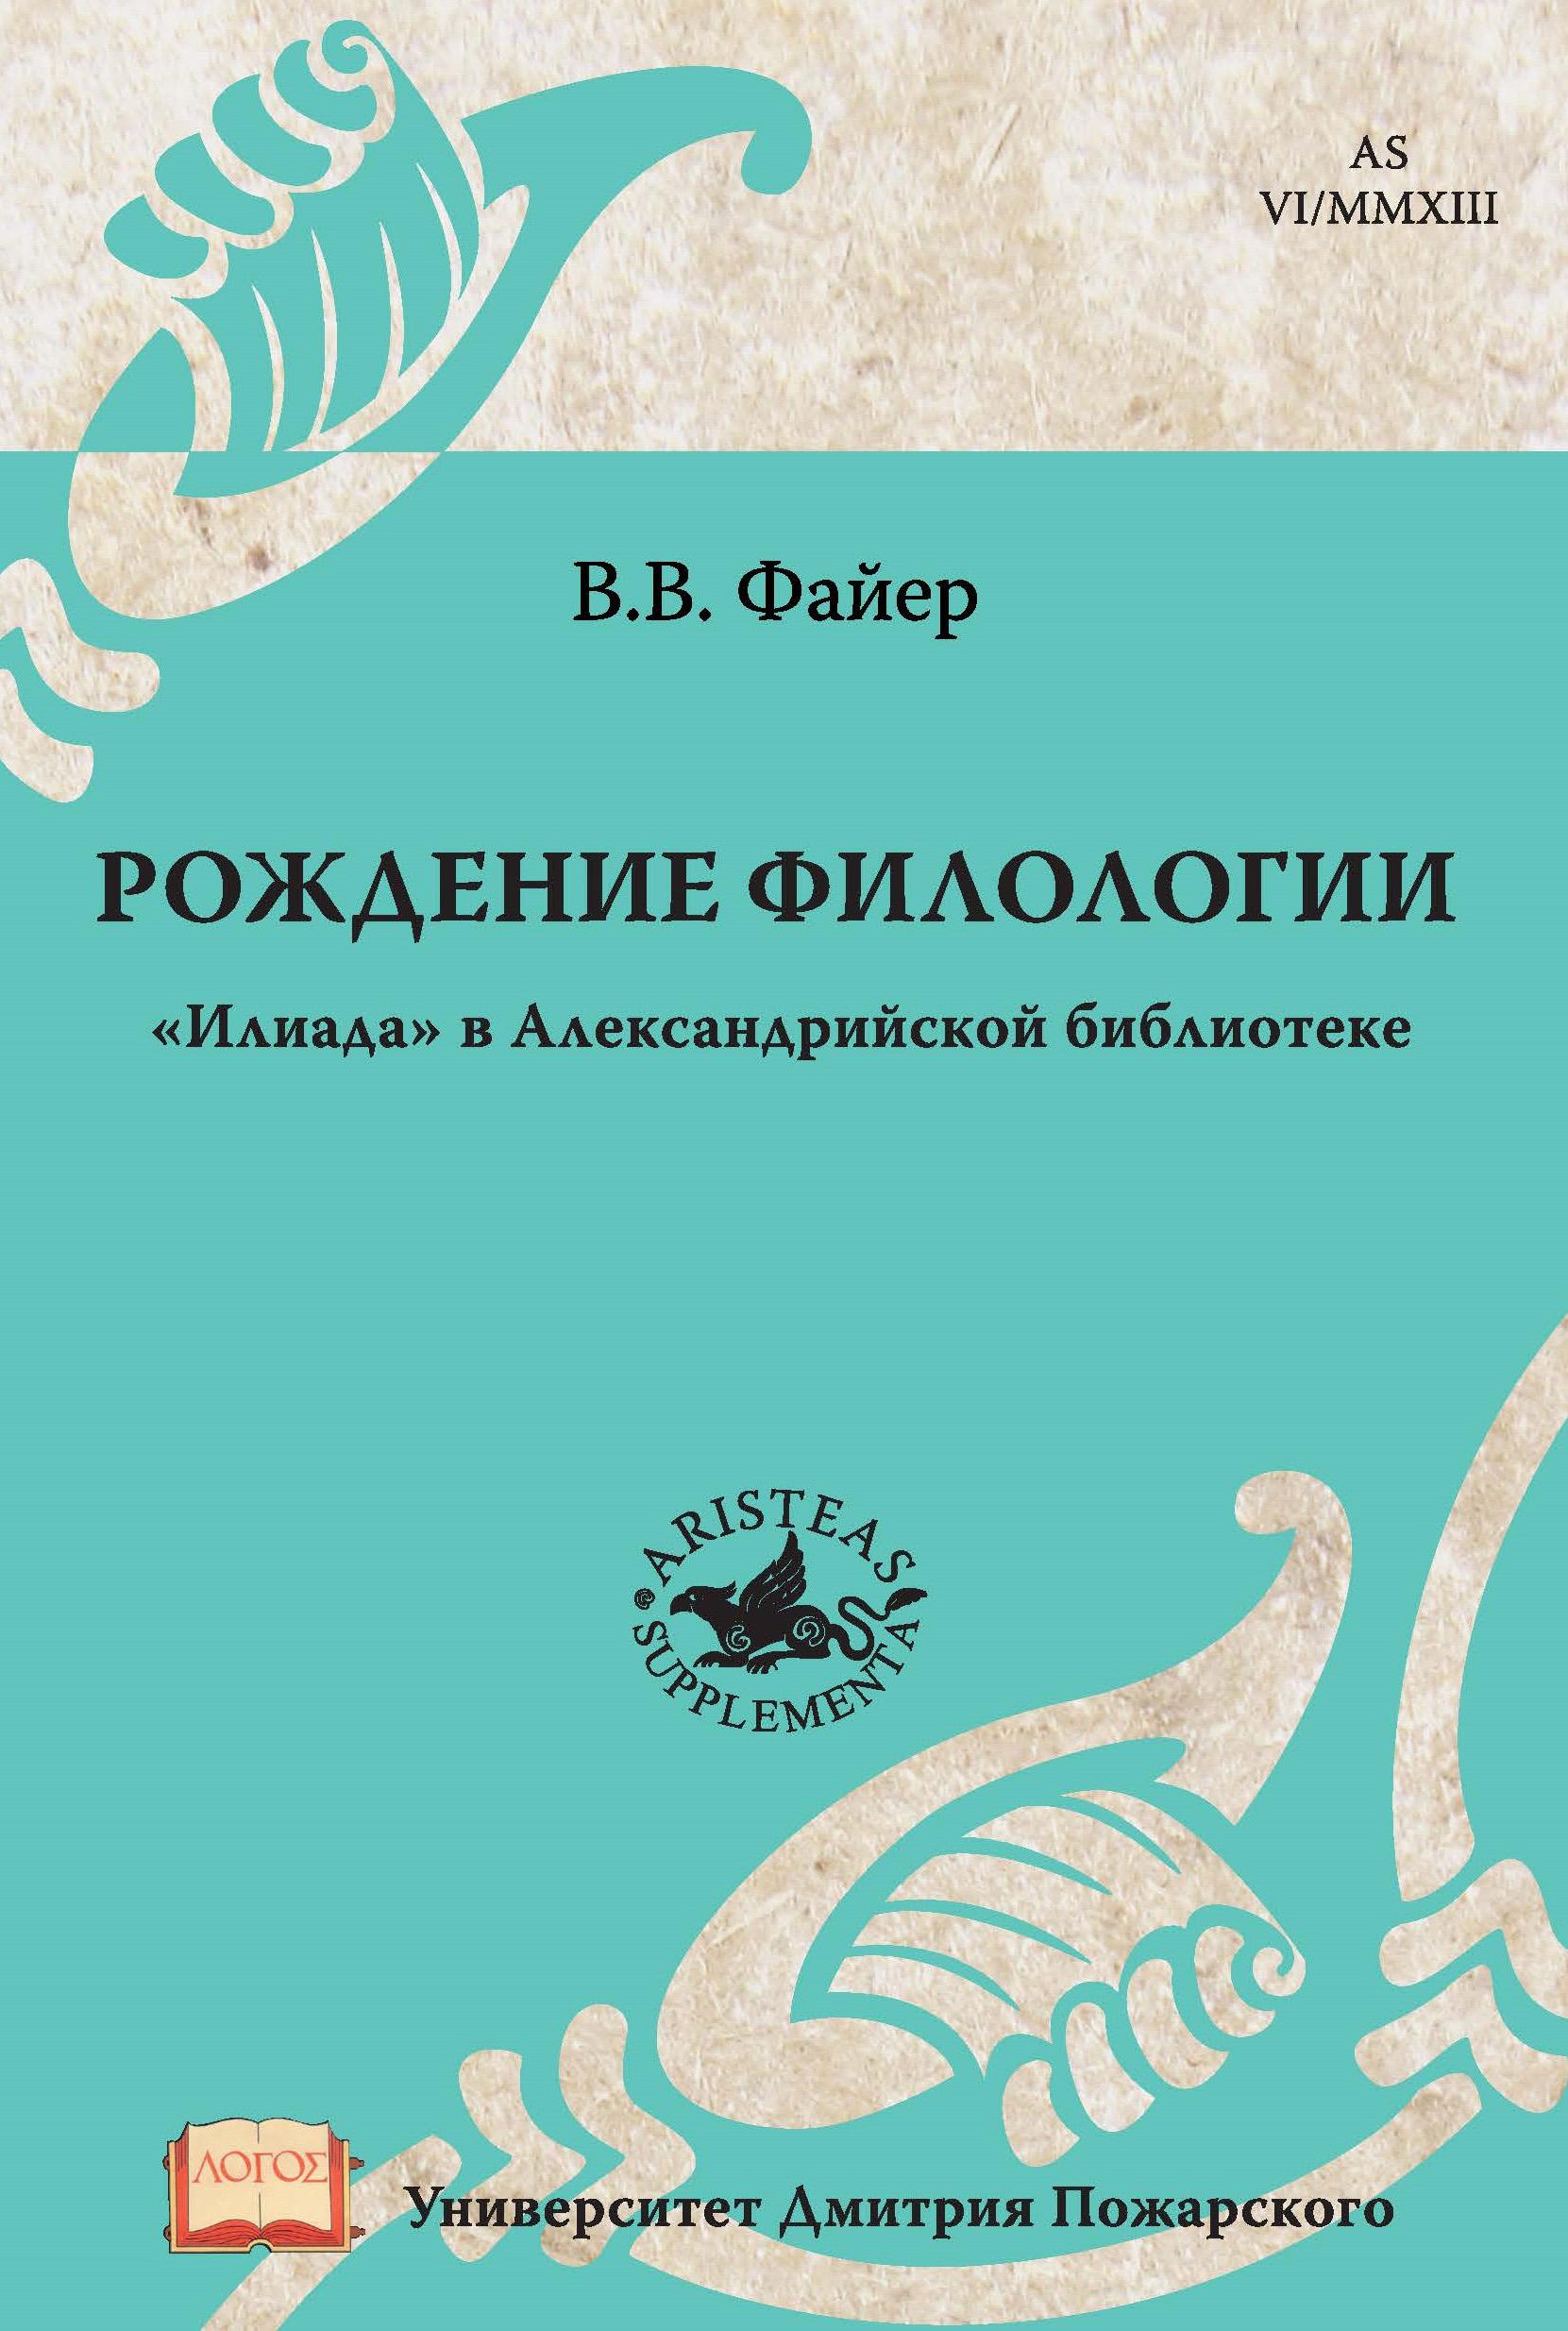 rozhdenie filologii iliada v aleksandriyskoy biblioteke